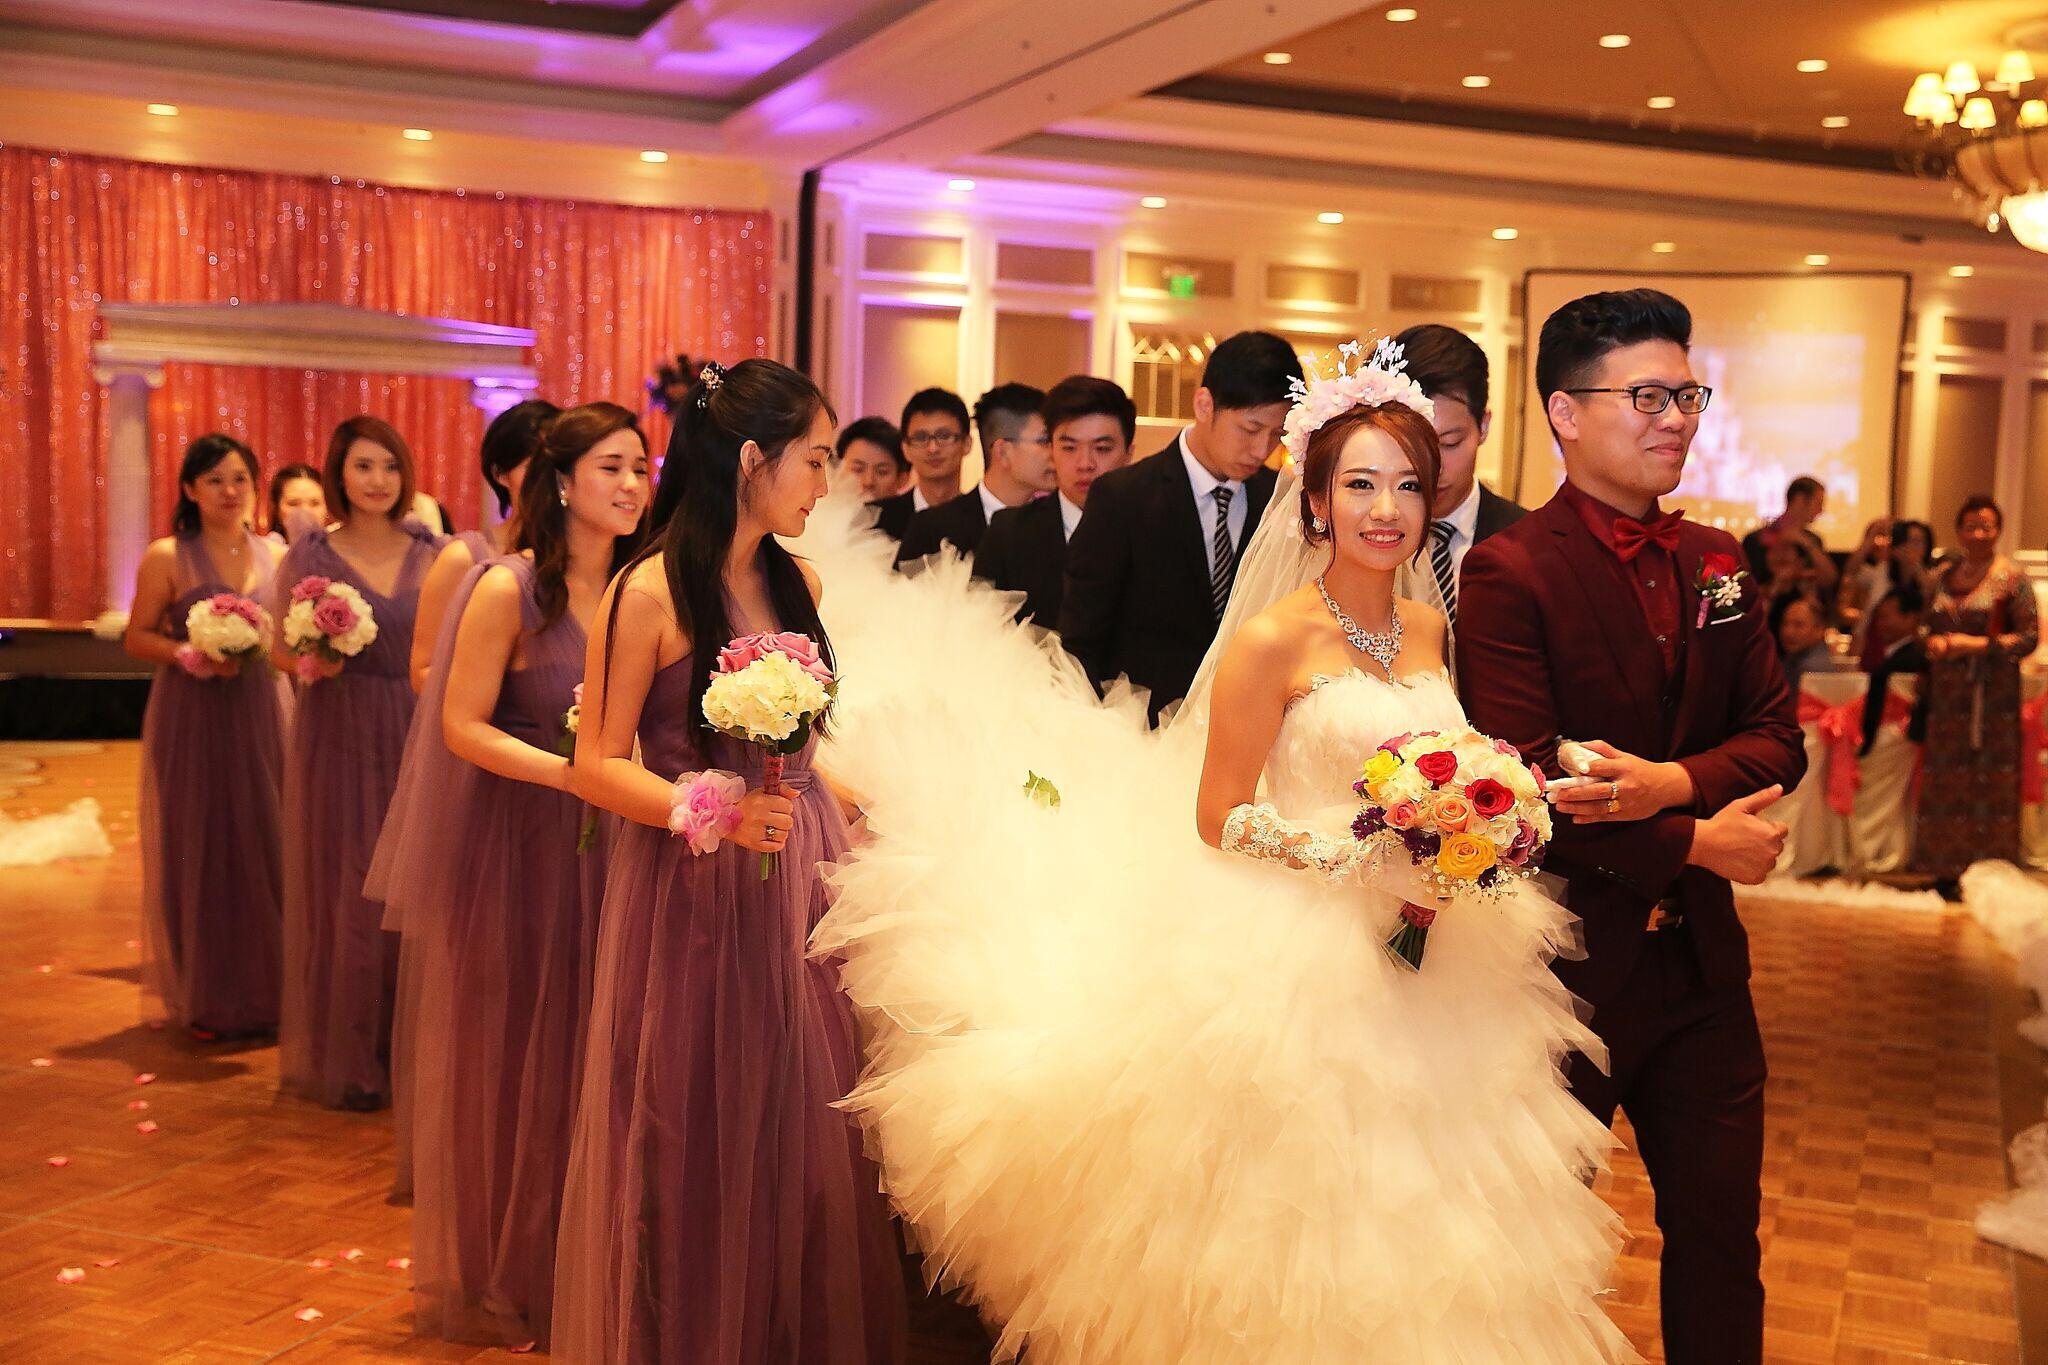 休斯顿婚庆公司|休斯顿活动策划公司|休斯顿婚庆活动策划